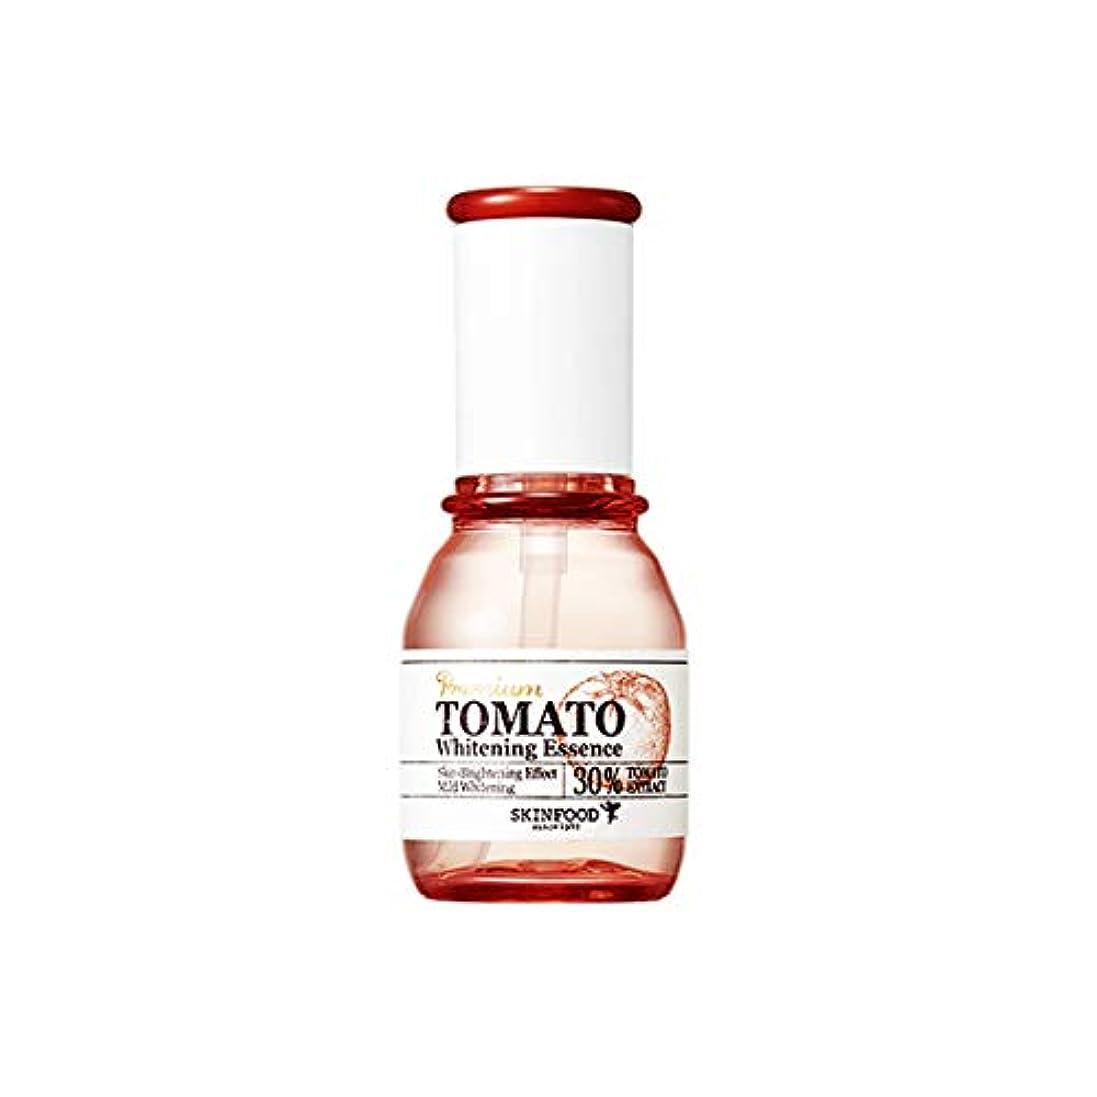 民主主義排除する残酷Skinfood プレミアムトマトホワイトニングエッセンス(美白効果) / Premium Tomato Whitening Essence (Skin-Brightening Effect)50ml [並行輸入品]